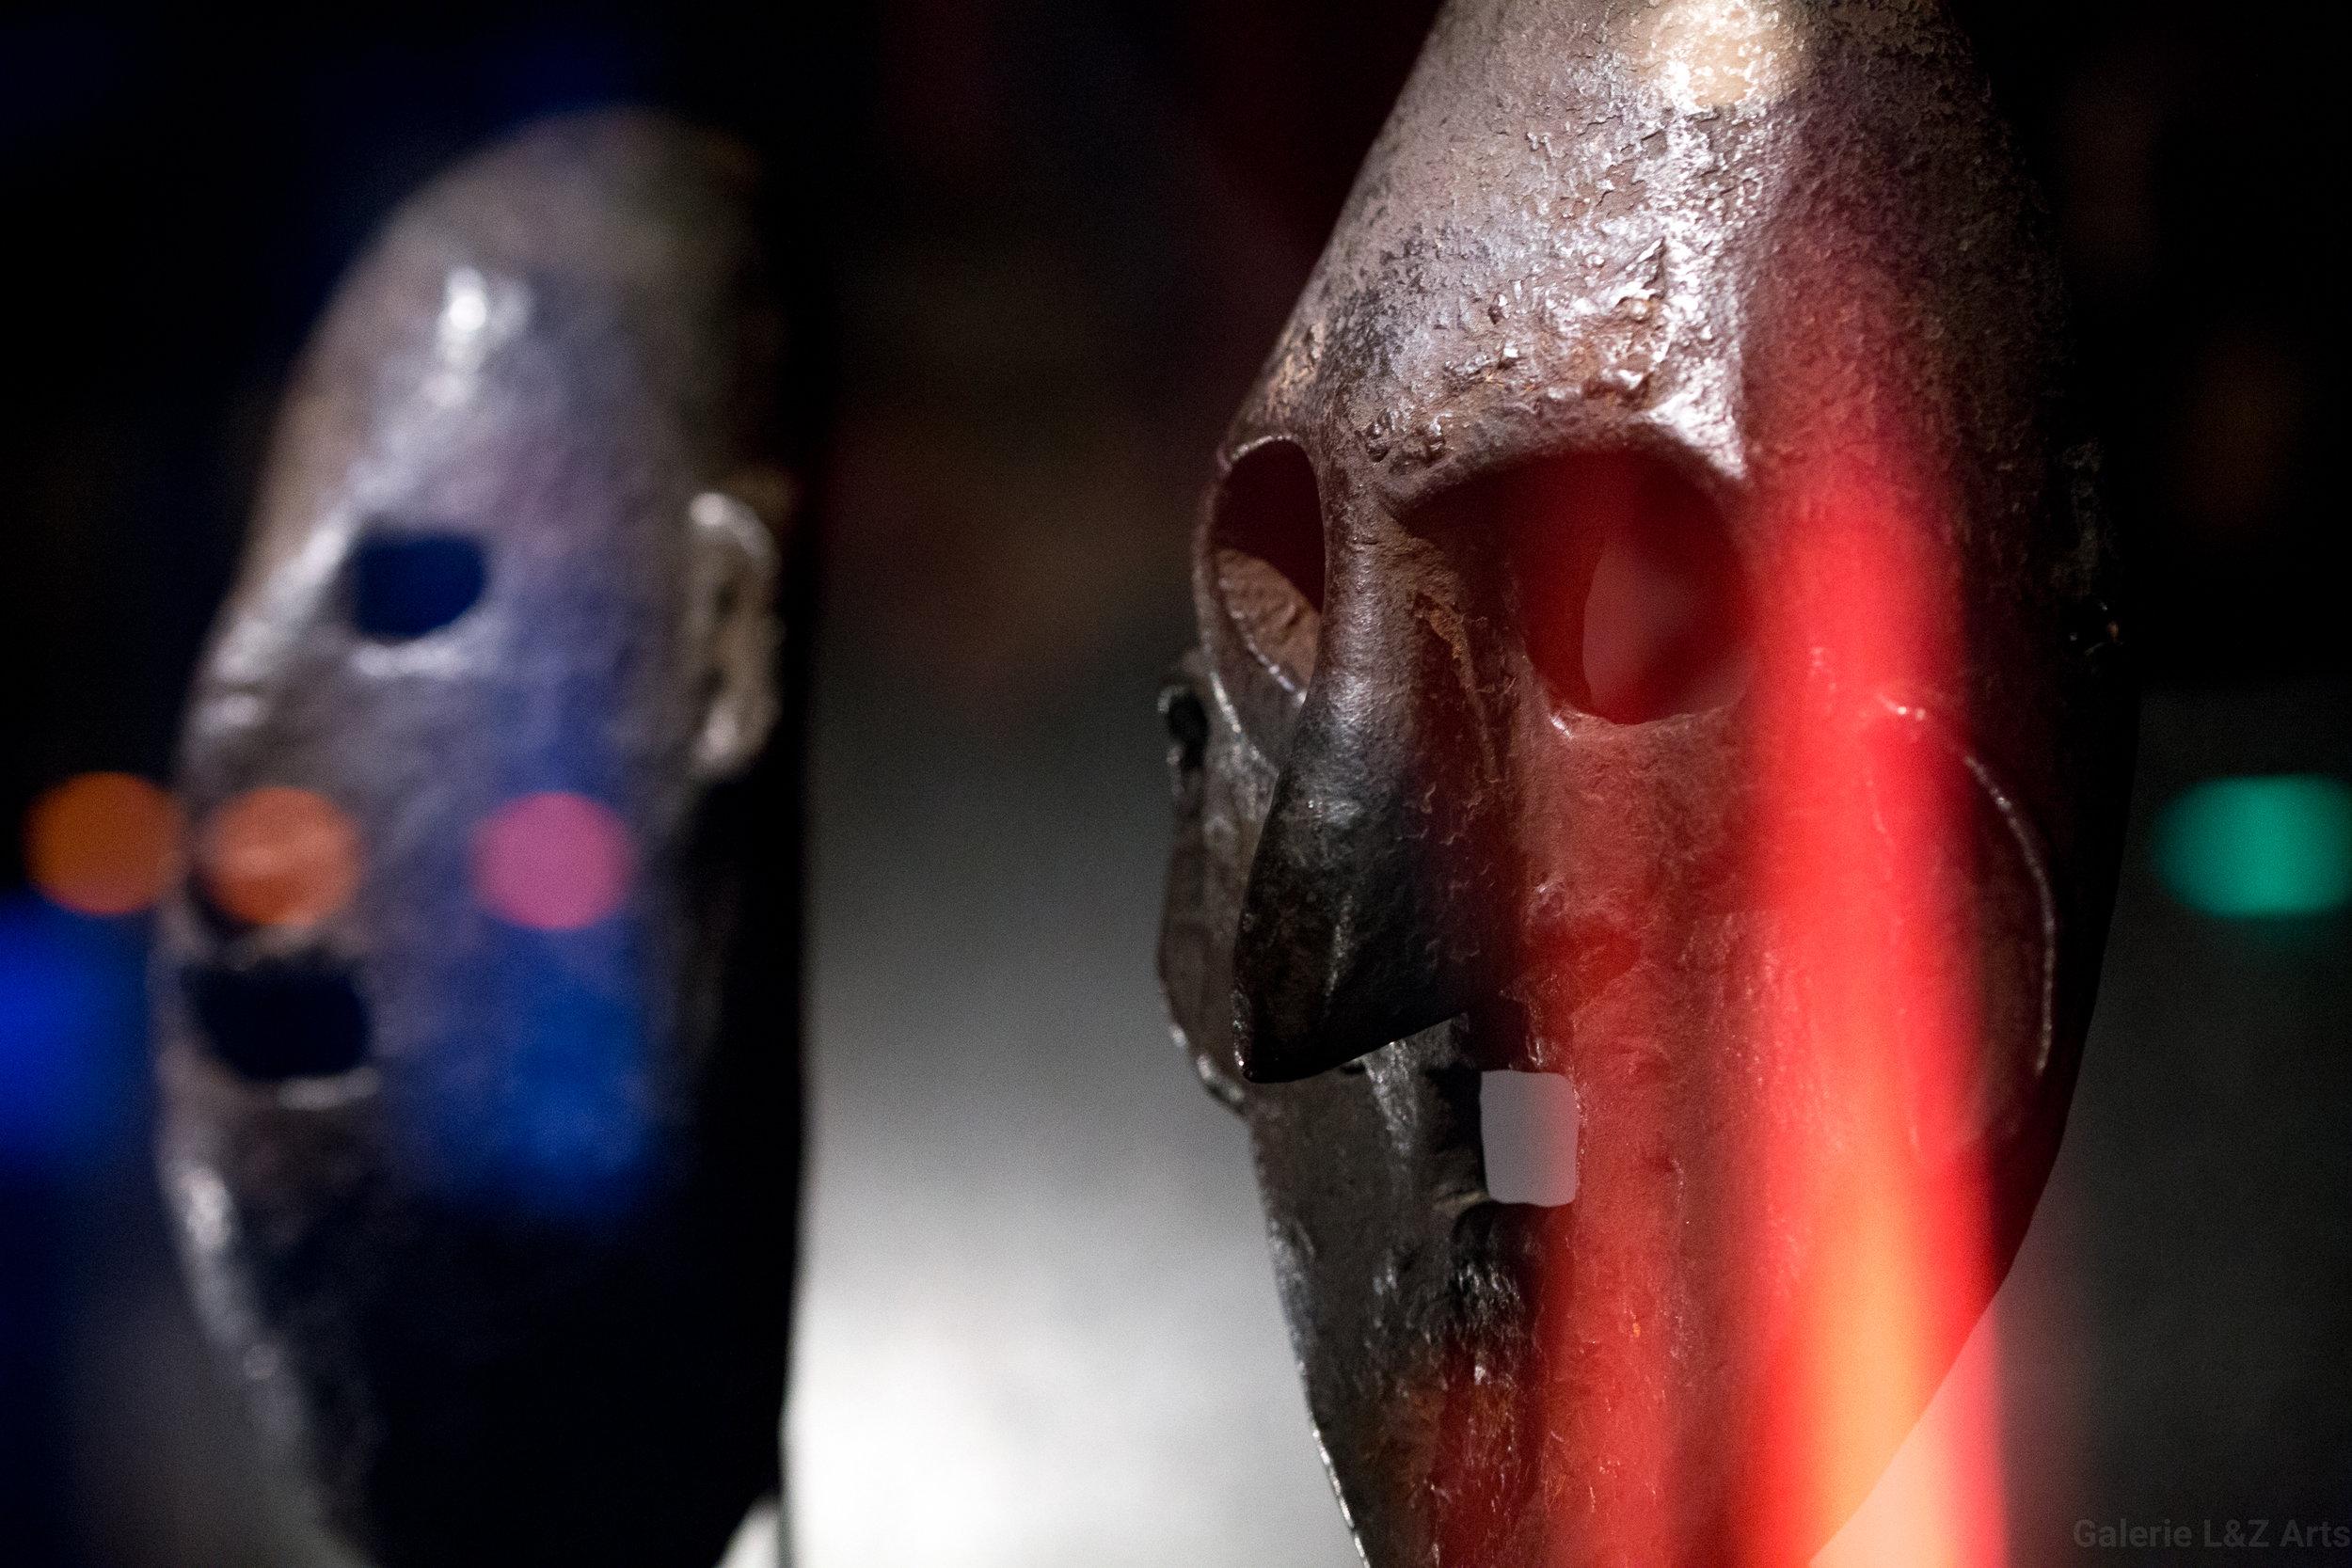 exposition-masque-art-tribal-africain-musee-quai-branly-belgique-galerie-lz-arts-liege-cite-miroir-oceanie-asie-japon-amerique-art-premier-nepal-40.jpg